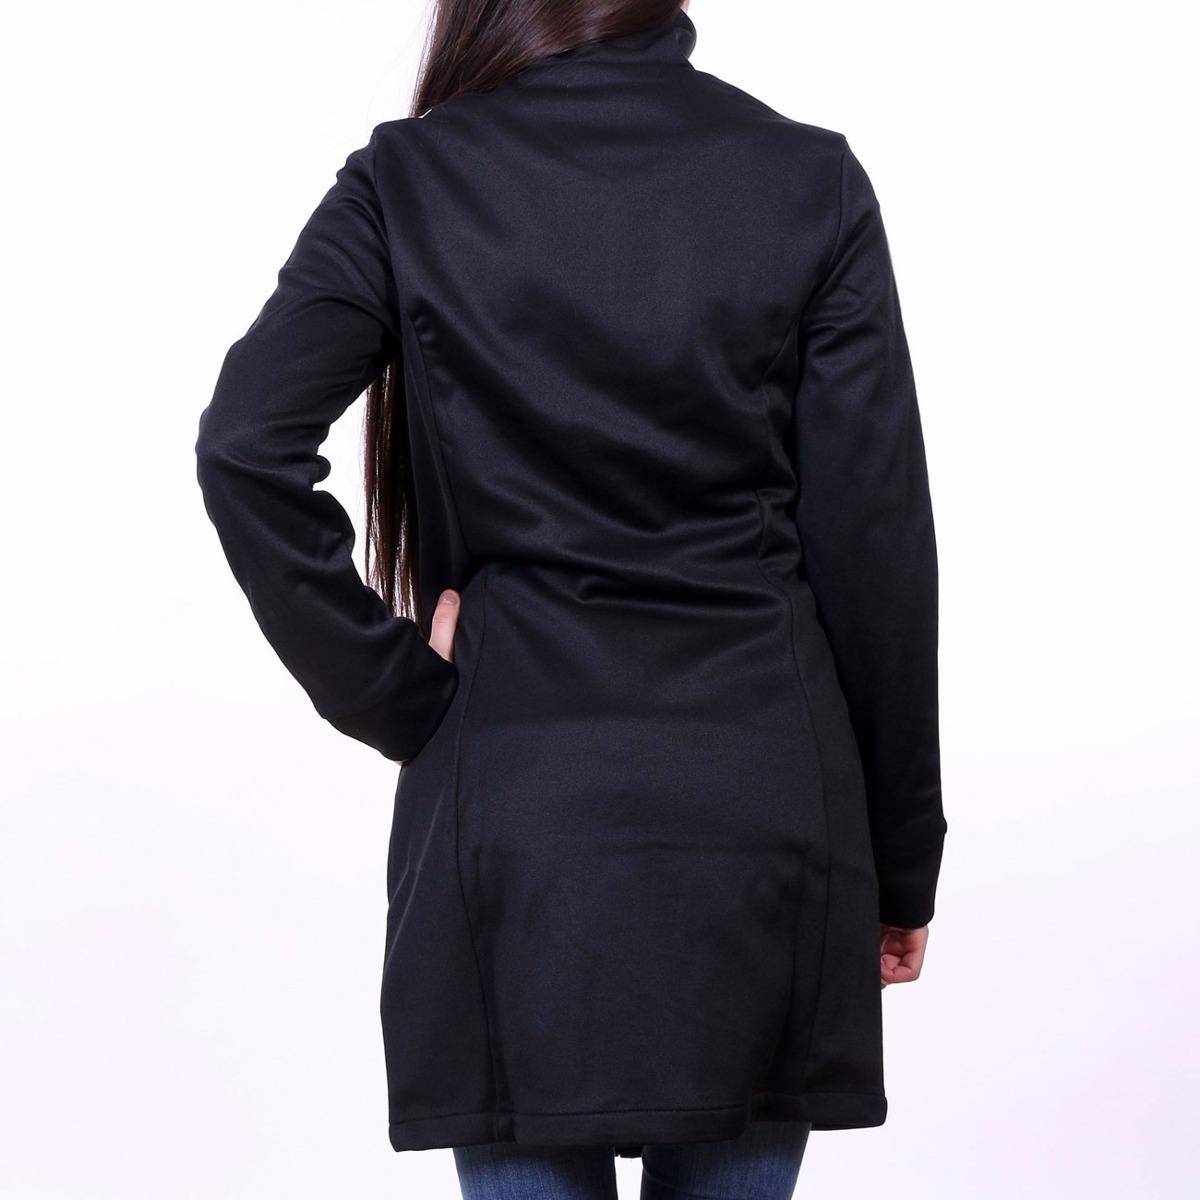 6579e95f3 sobretudo adidas originals europa black vestido novo 1magnus. Carregando  zoom.